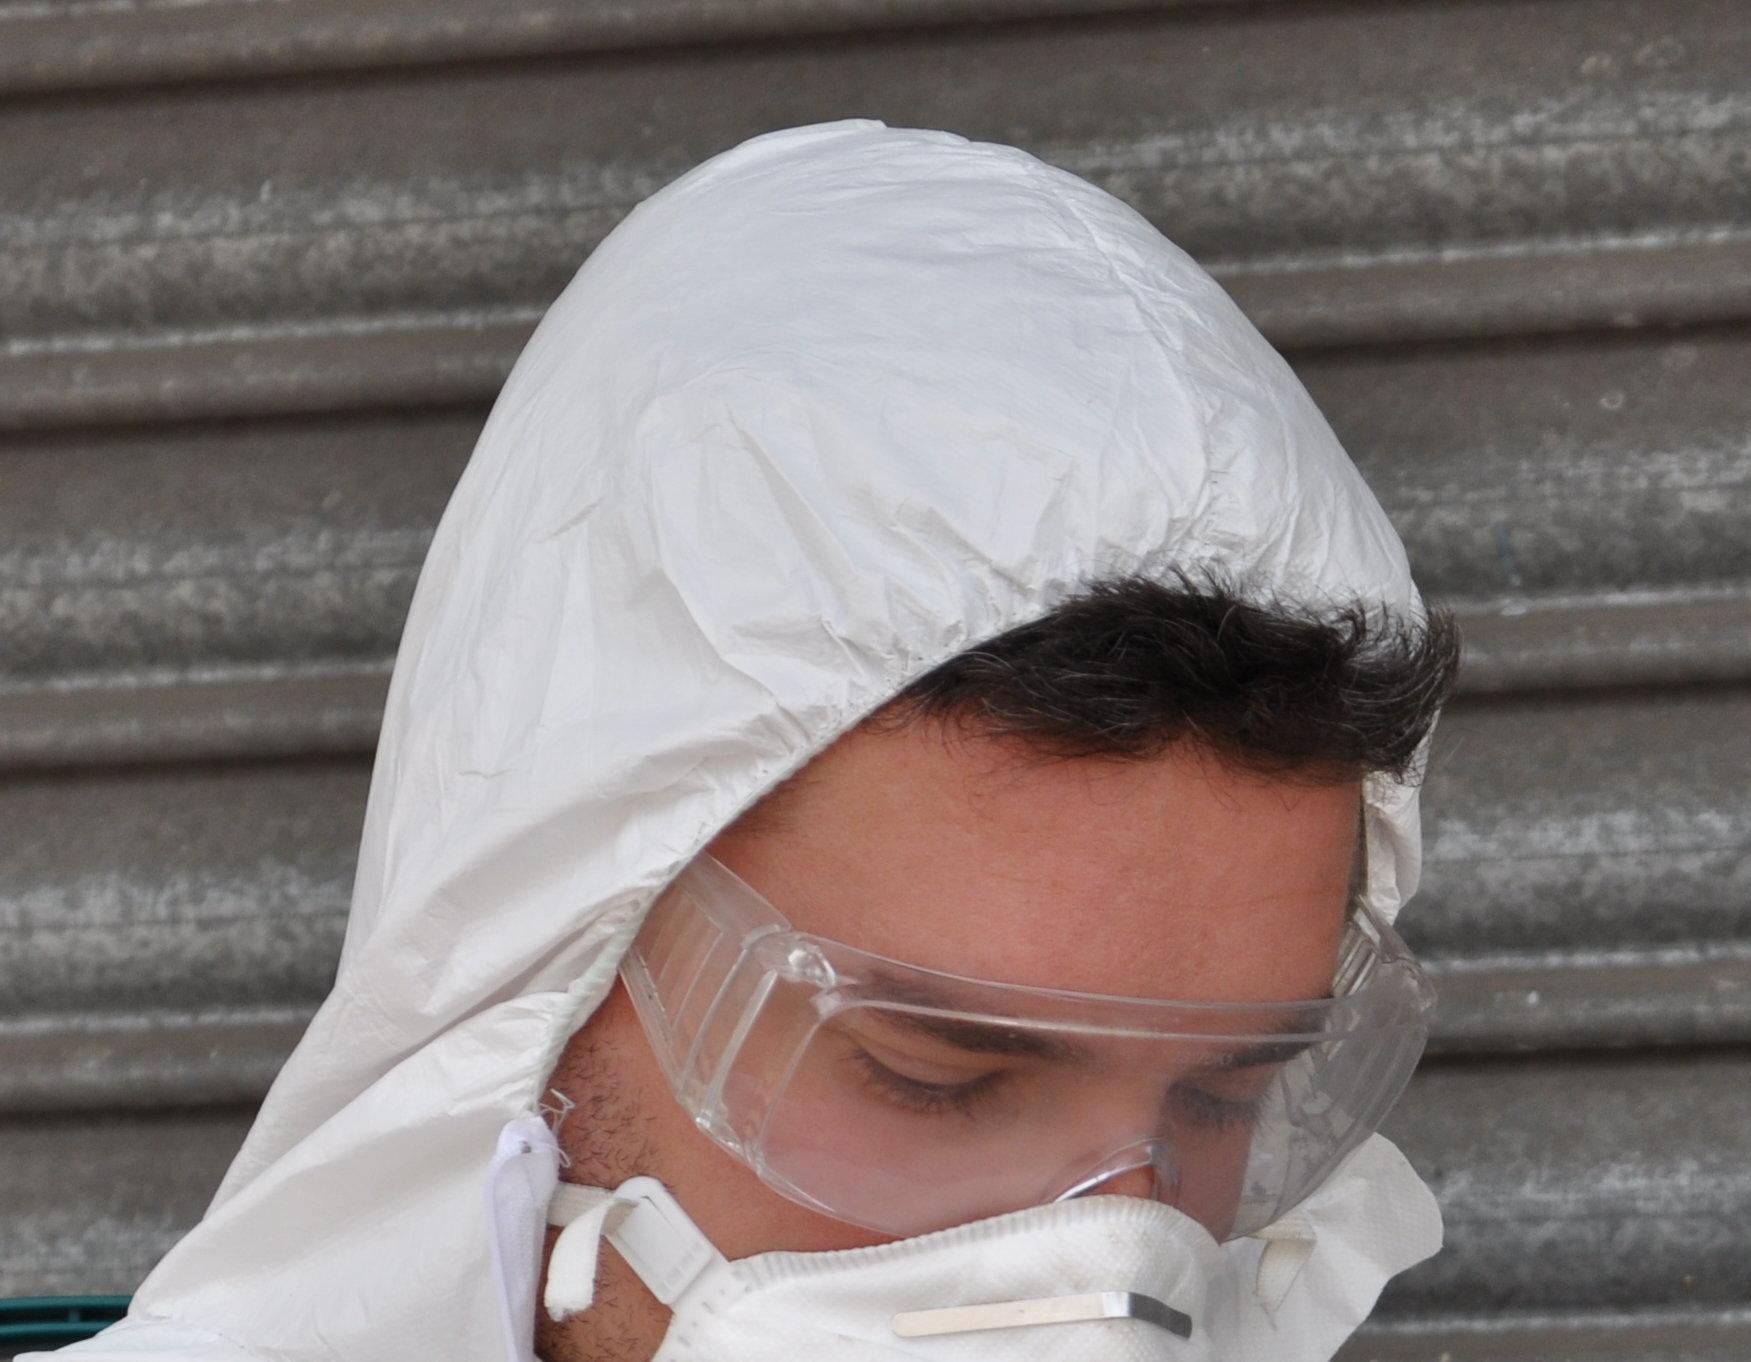 Un operatore munito di dispositivi di protezione personale si appresta ad eseguire una sanificazione covid 19 per aziende a latina